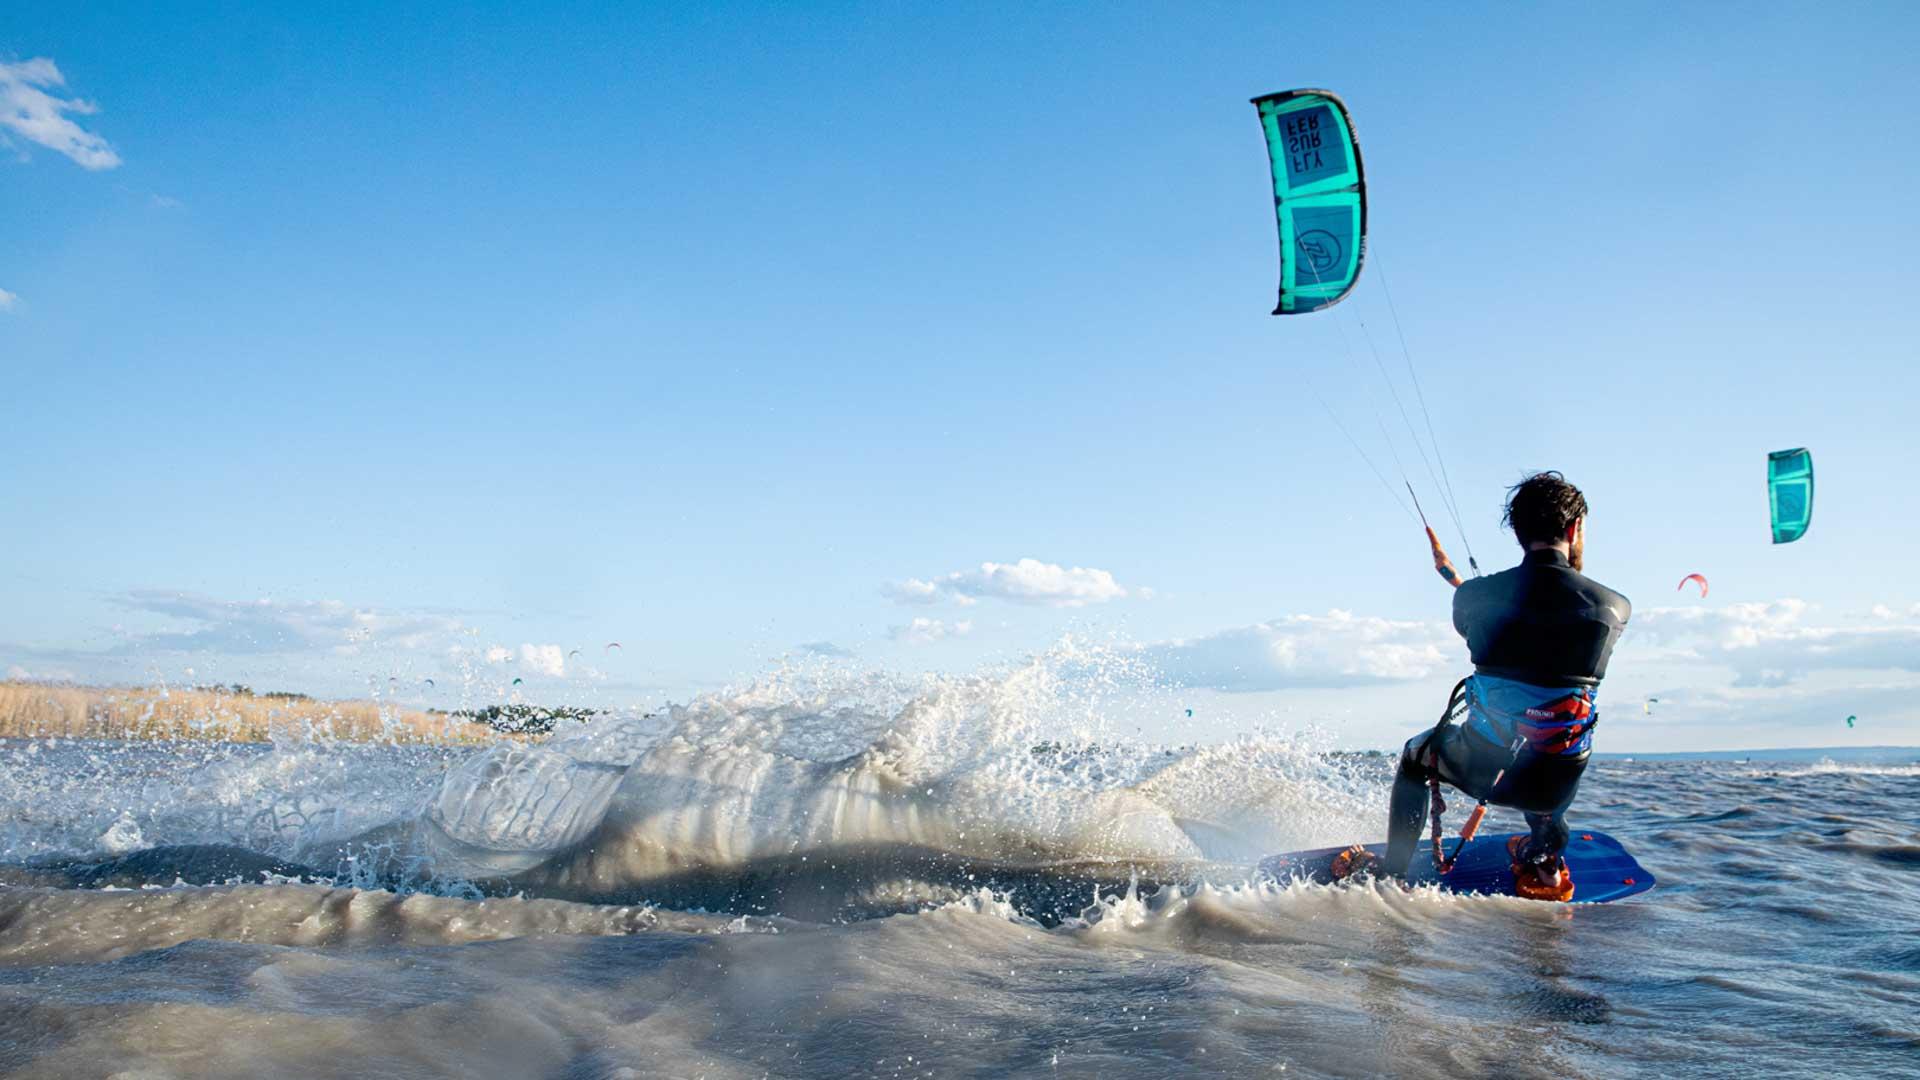 Kitesurfer surft nach rechts und erzeugt viel Spray